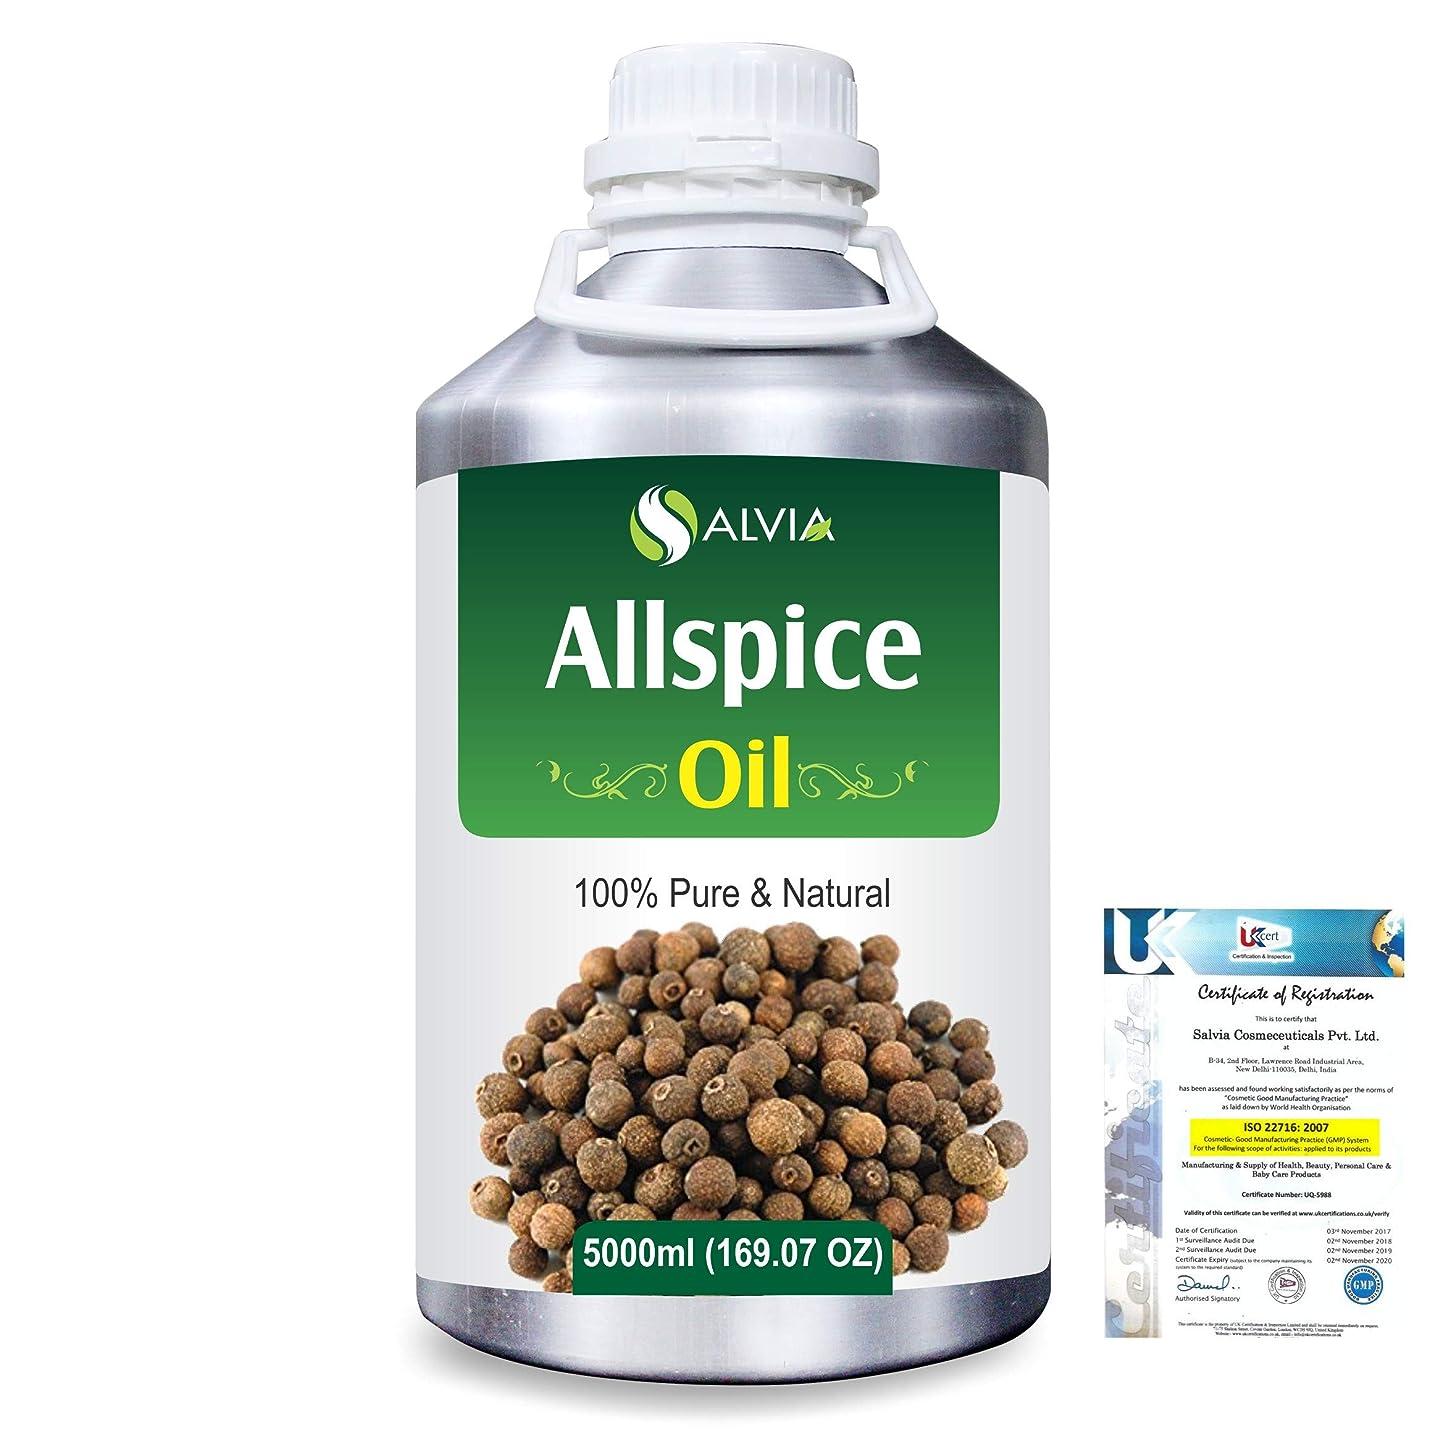 リボン隣人基礎理論Allspice (Pimenta officinalis) 100% Natural Pure Essential Oil 5000ml/169fl.oz.